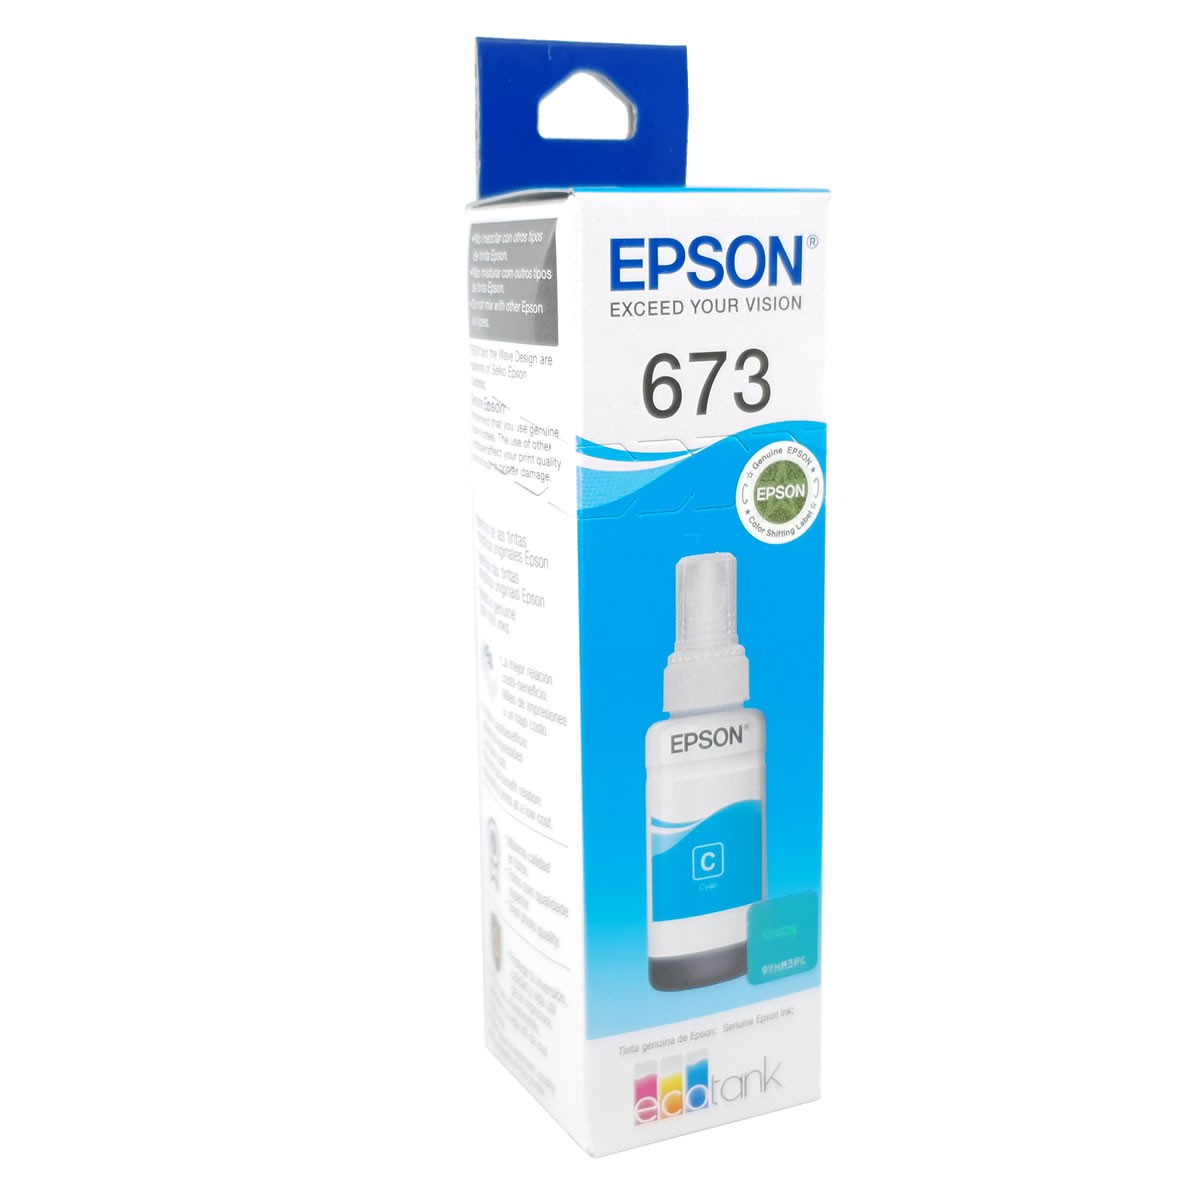 Refil de Tinta EPSON T673220 Ciano 70ml para ecotank L800 L805 L810 L850 L1800